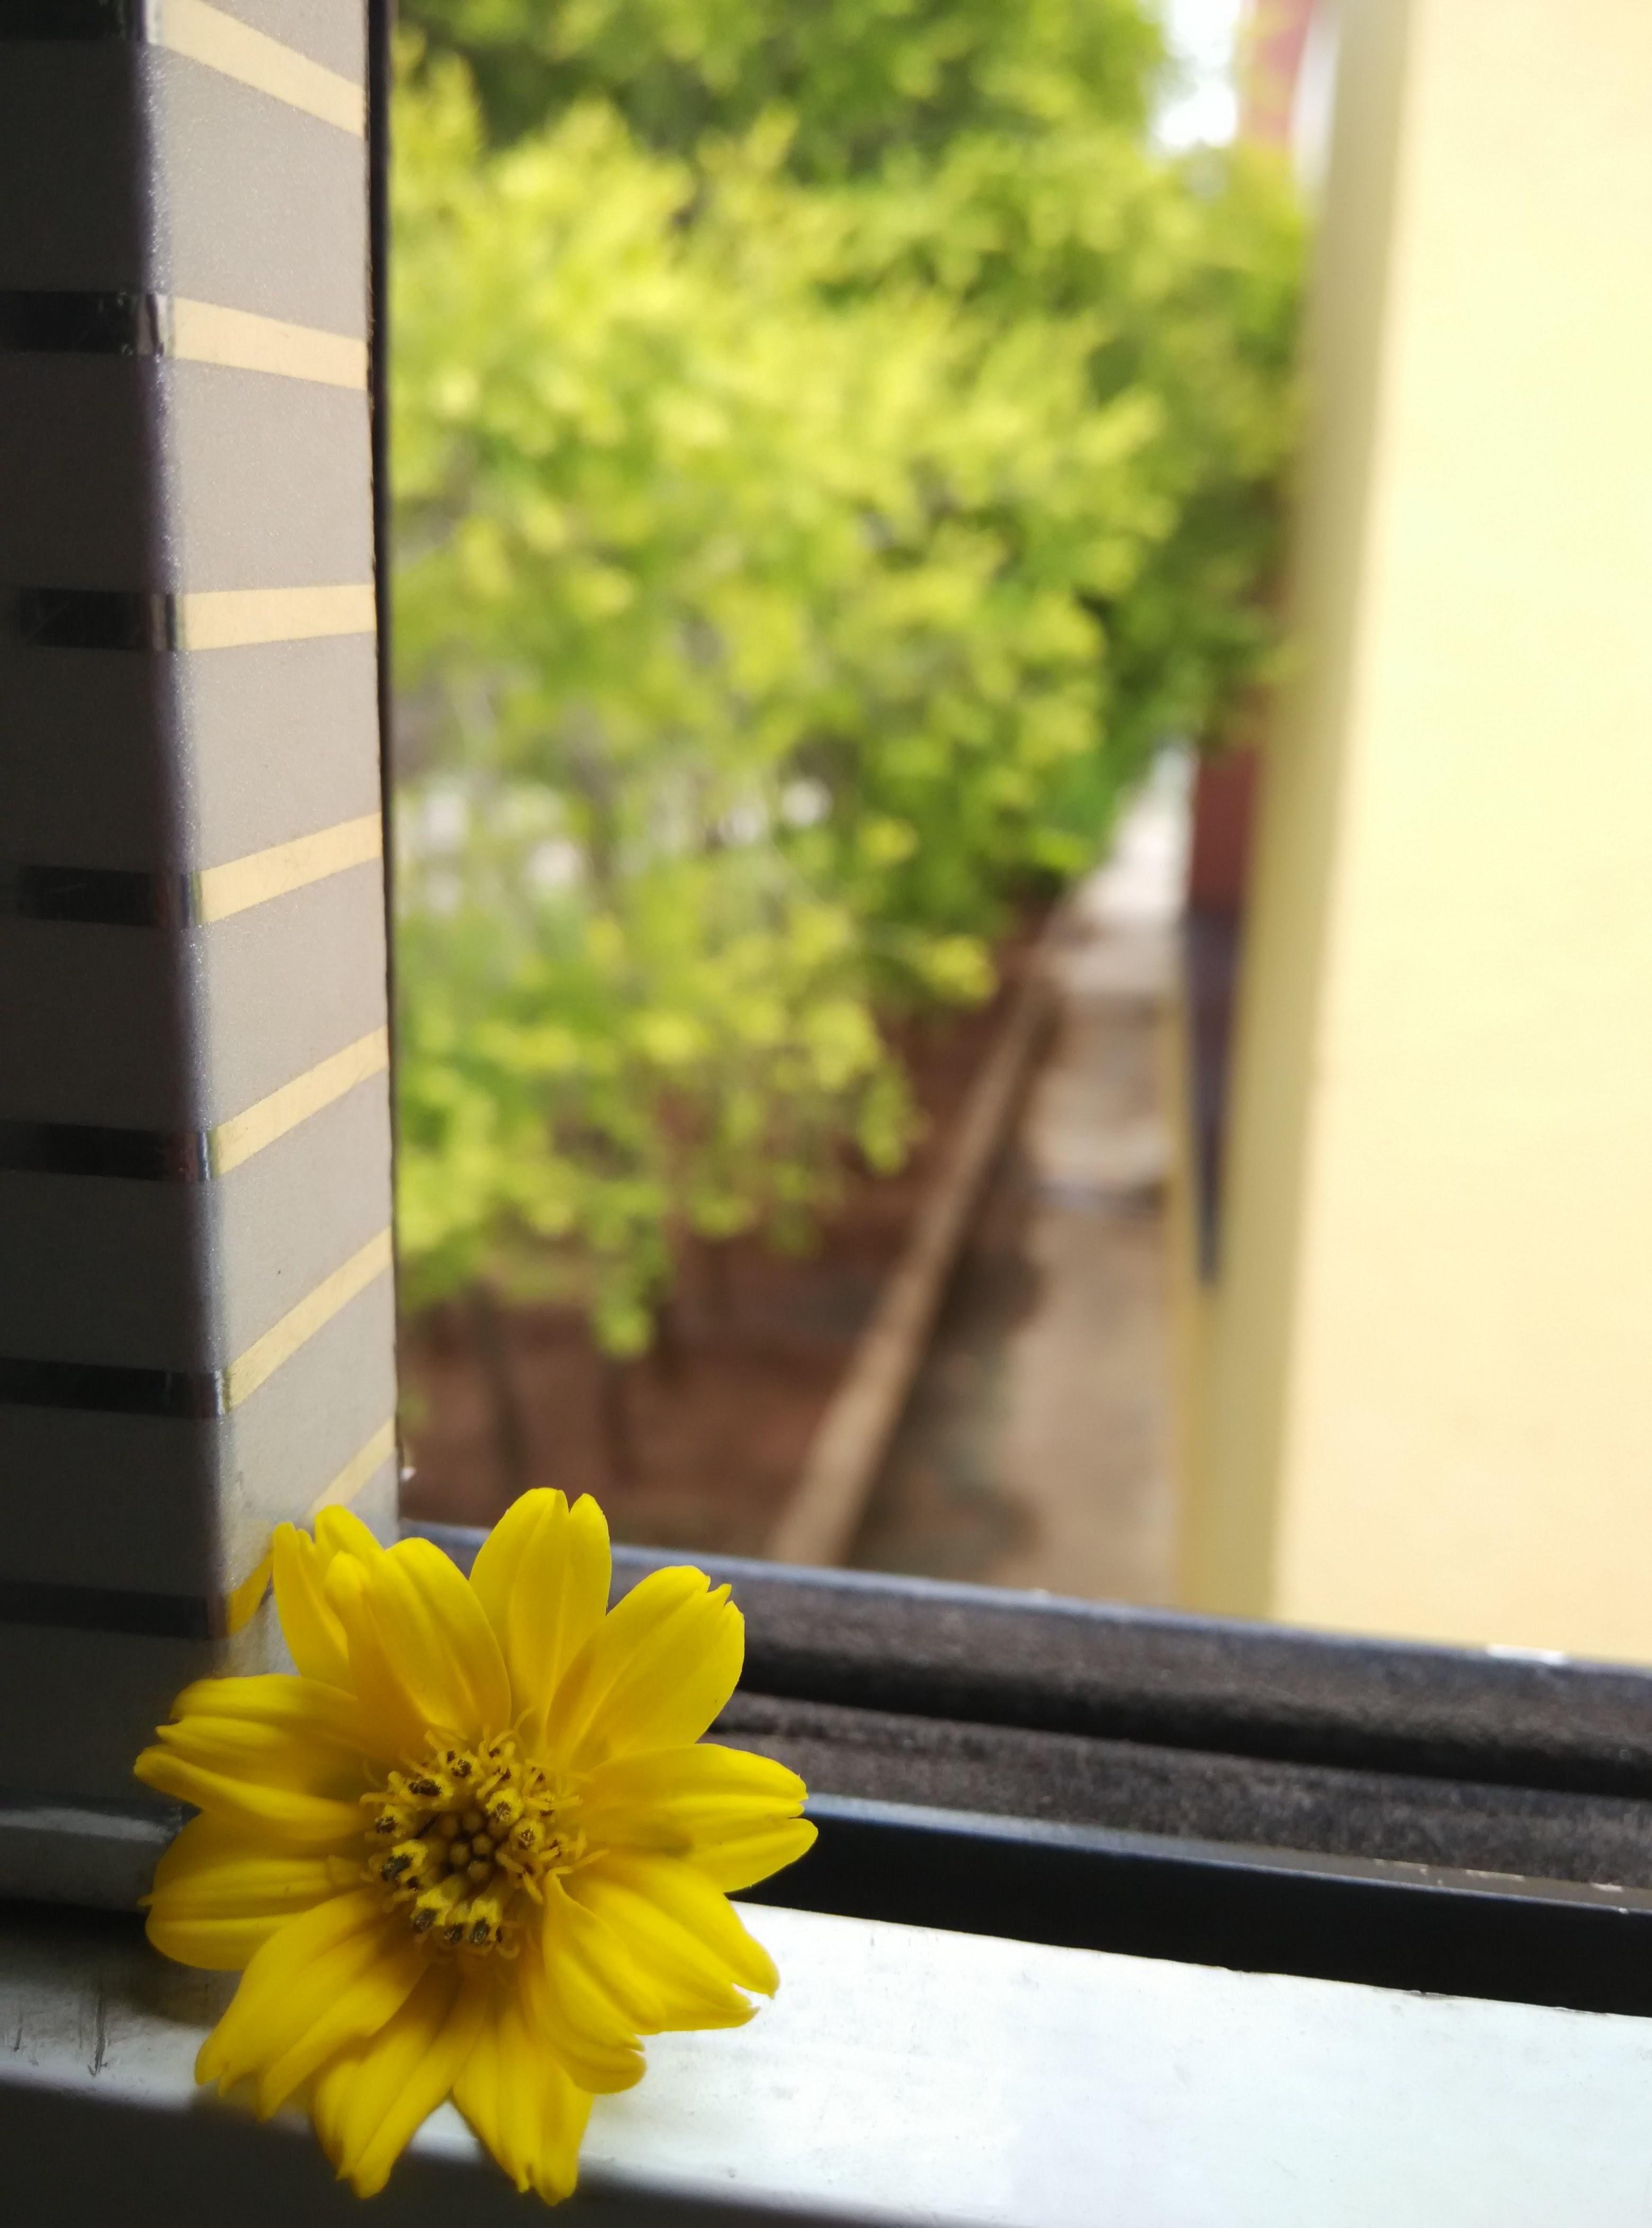 növény napfény levél növényen virág ablak tavaszi zöld szín sárga virágos  növény szárazföldi növény 460aaeff72